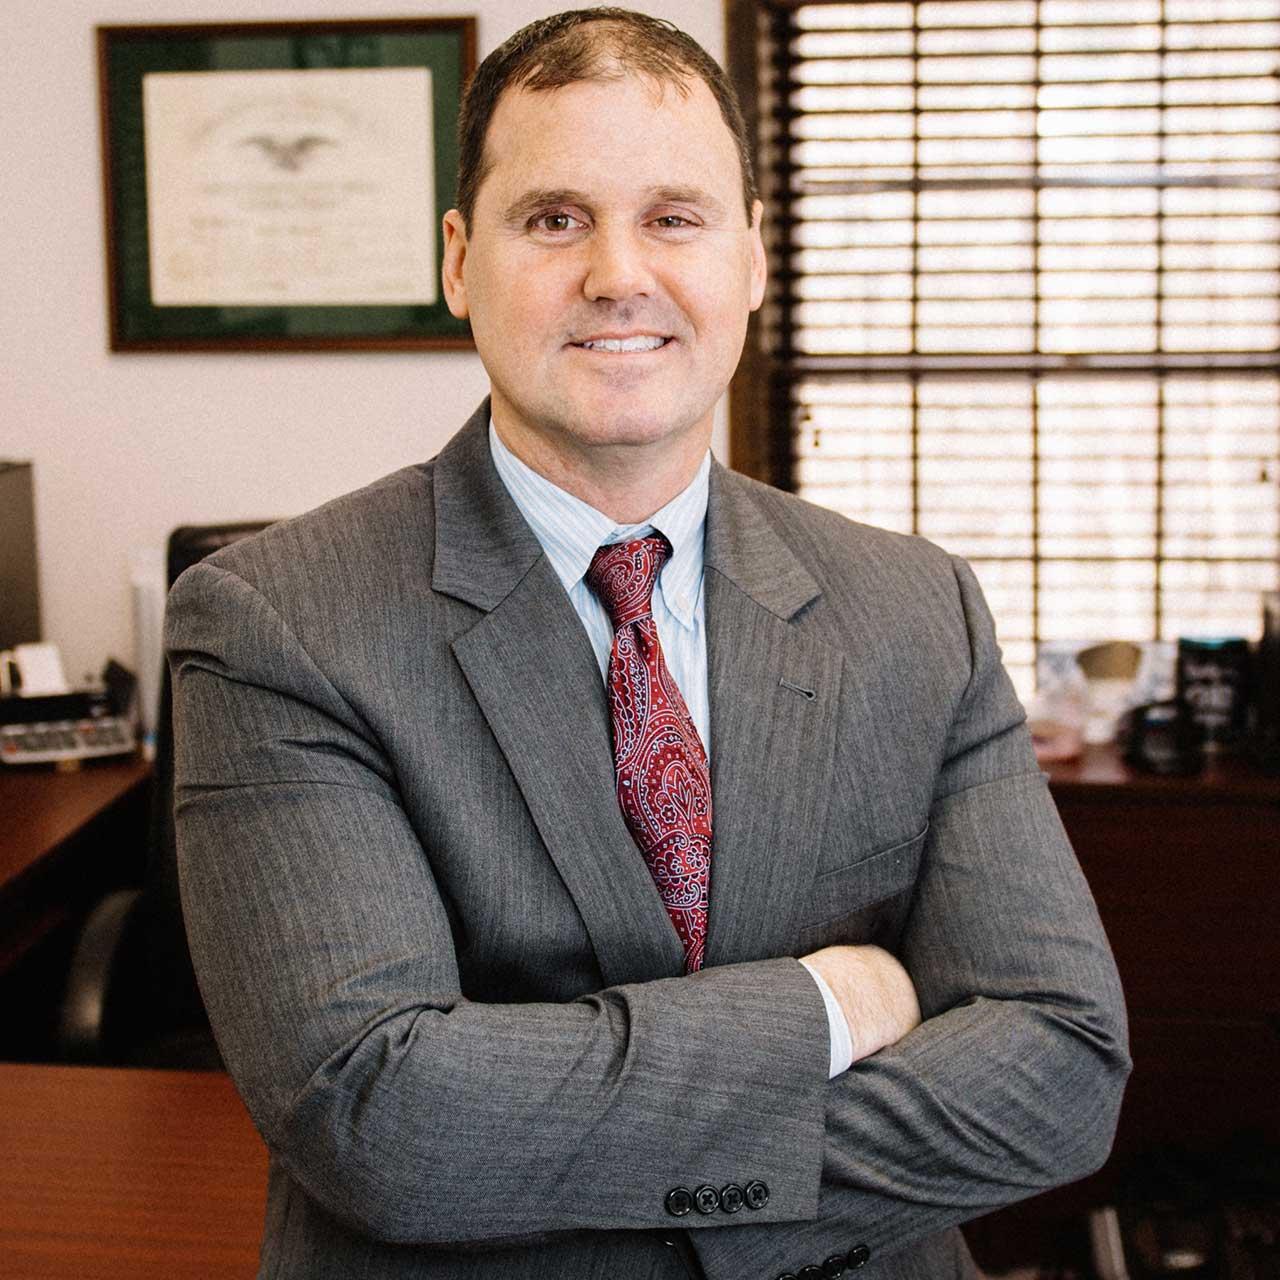 Kevin Muldowney